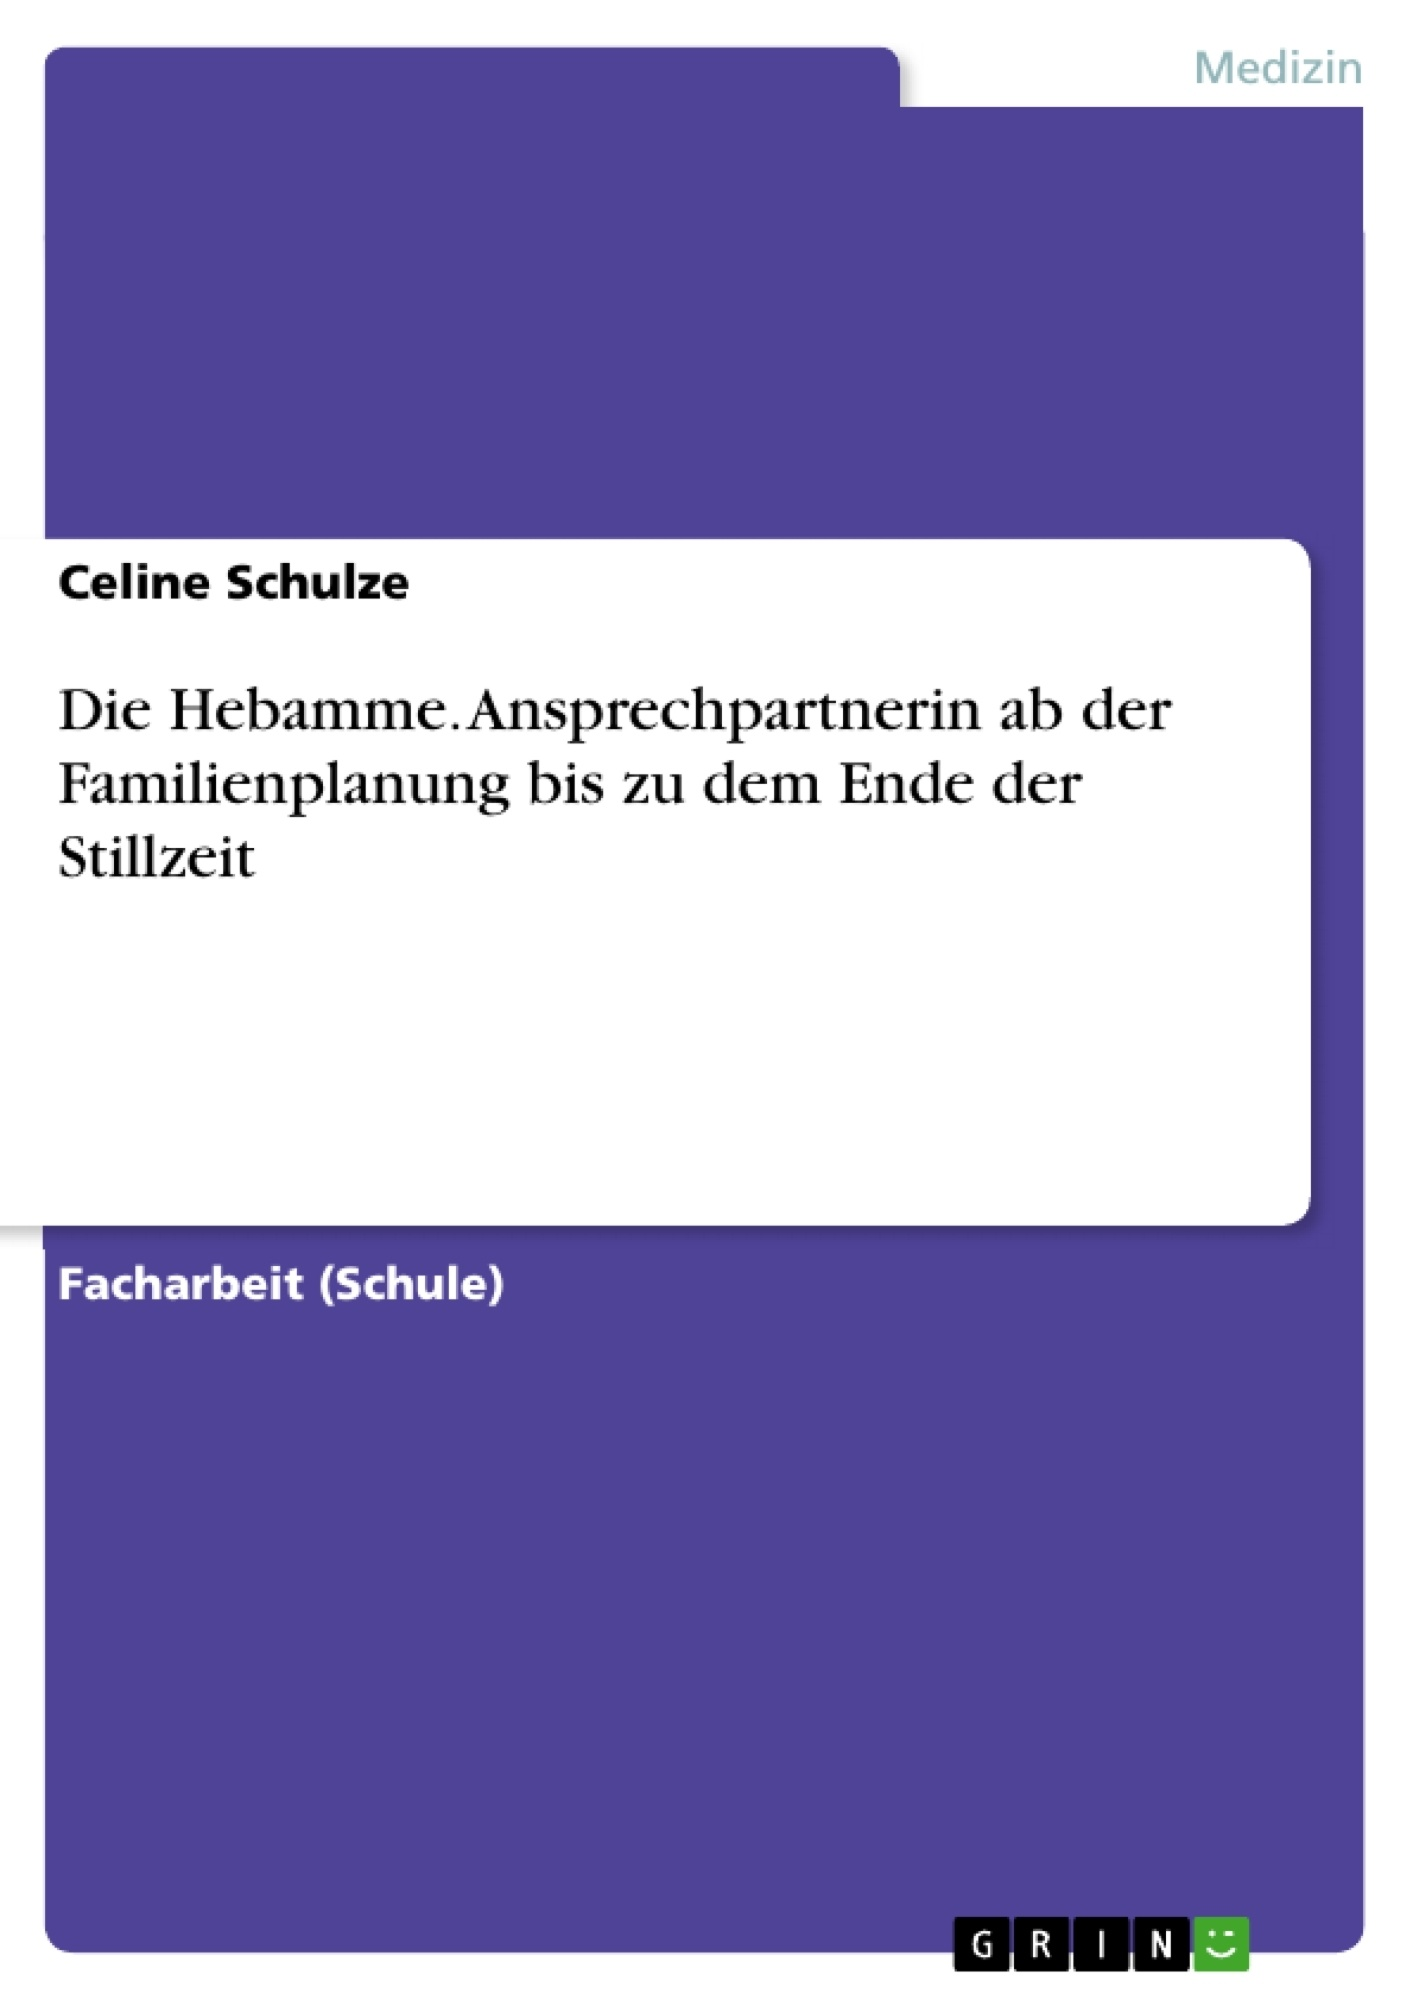 Titel: Die Hebamme. Ansprechpartnerin ab der Familienplanung bis zu dem Ende der Stillzeit